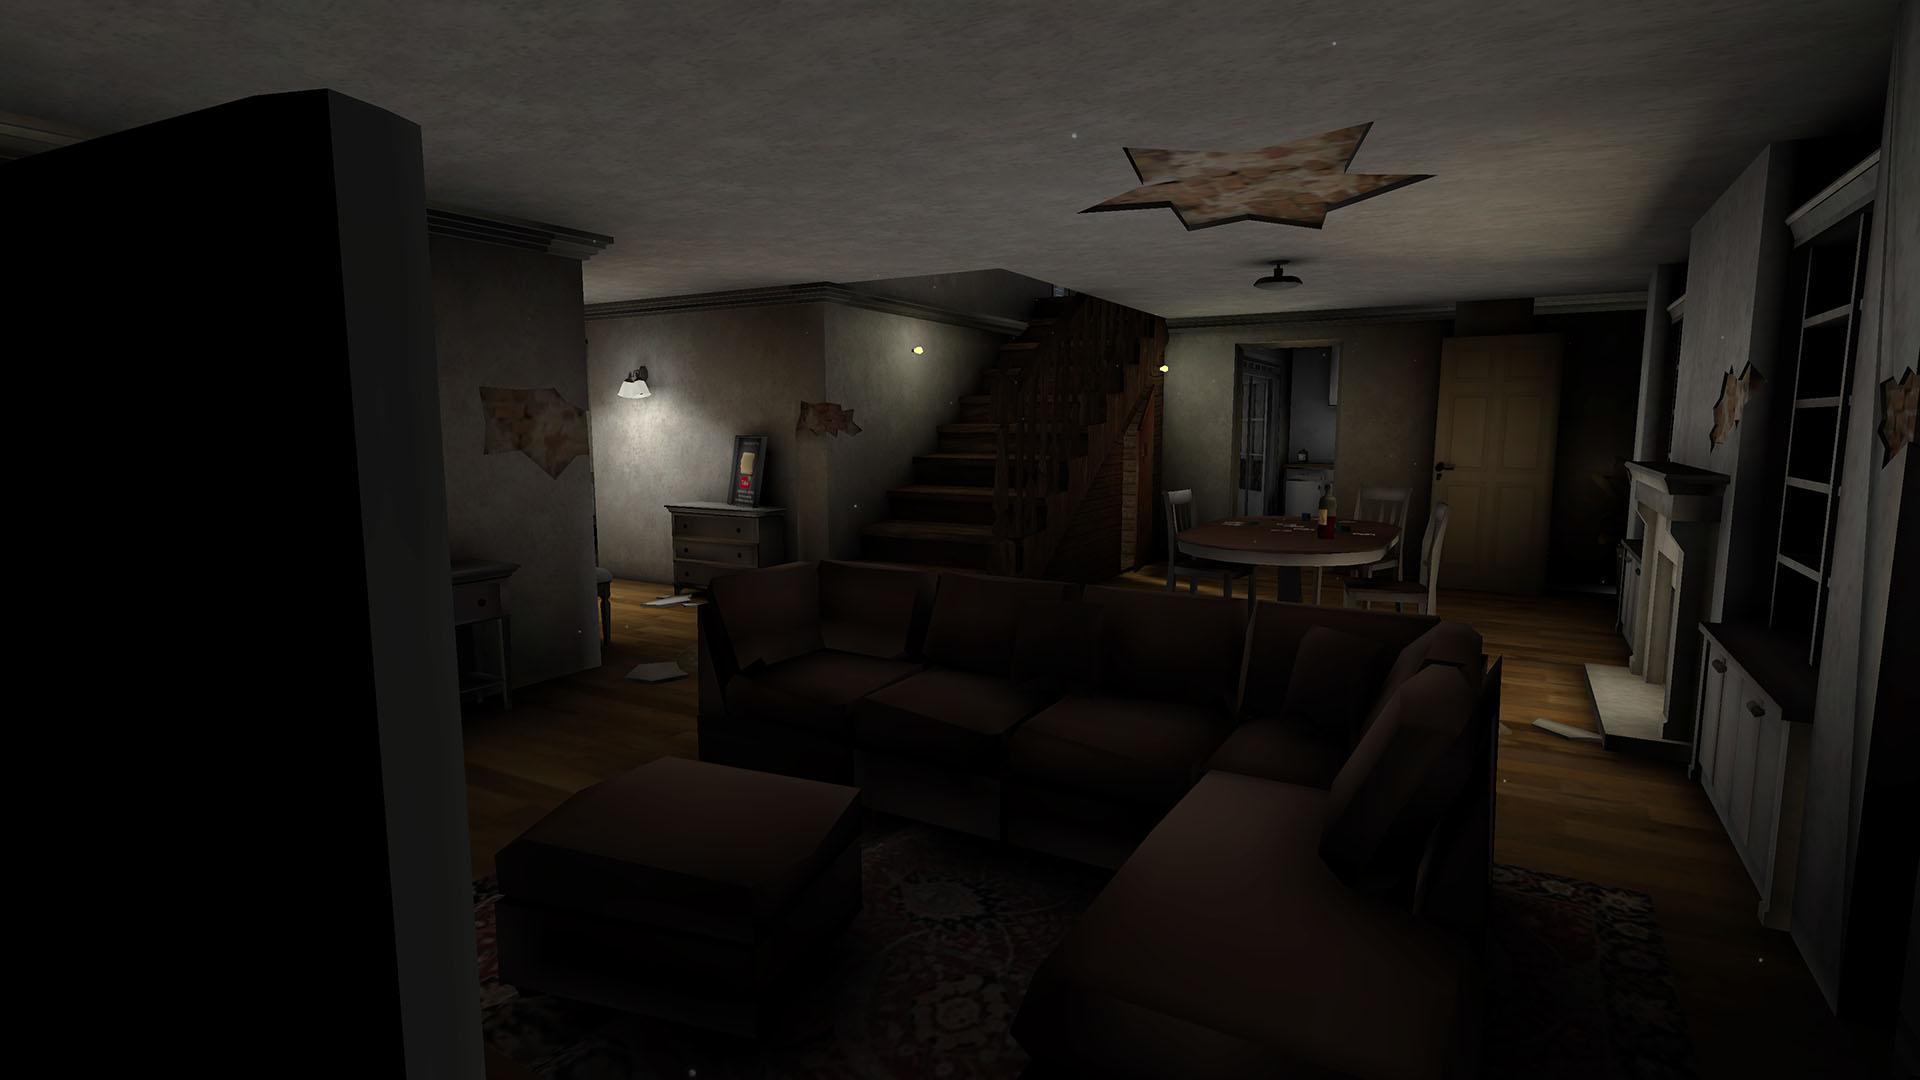 Dark Internet: ¡Juego de terror y supervivencia! 1.1.0 Screenshot 9